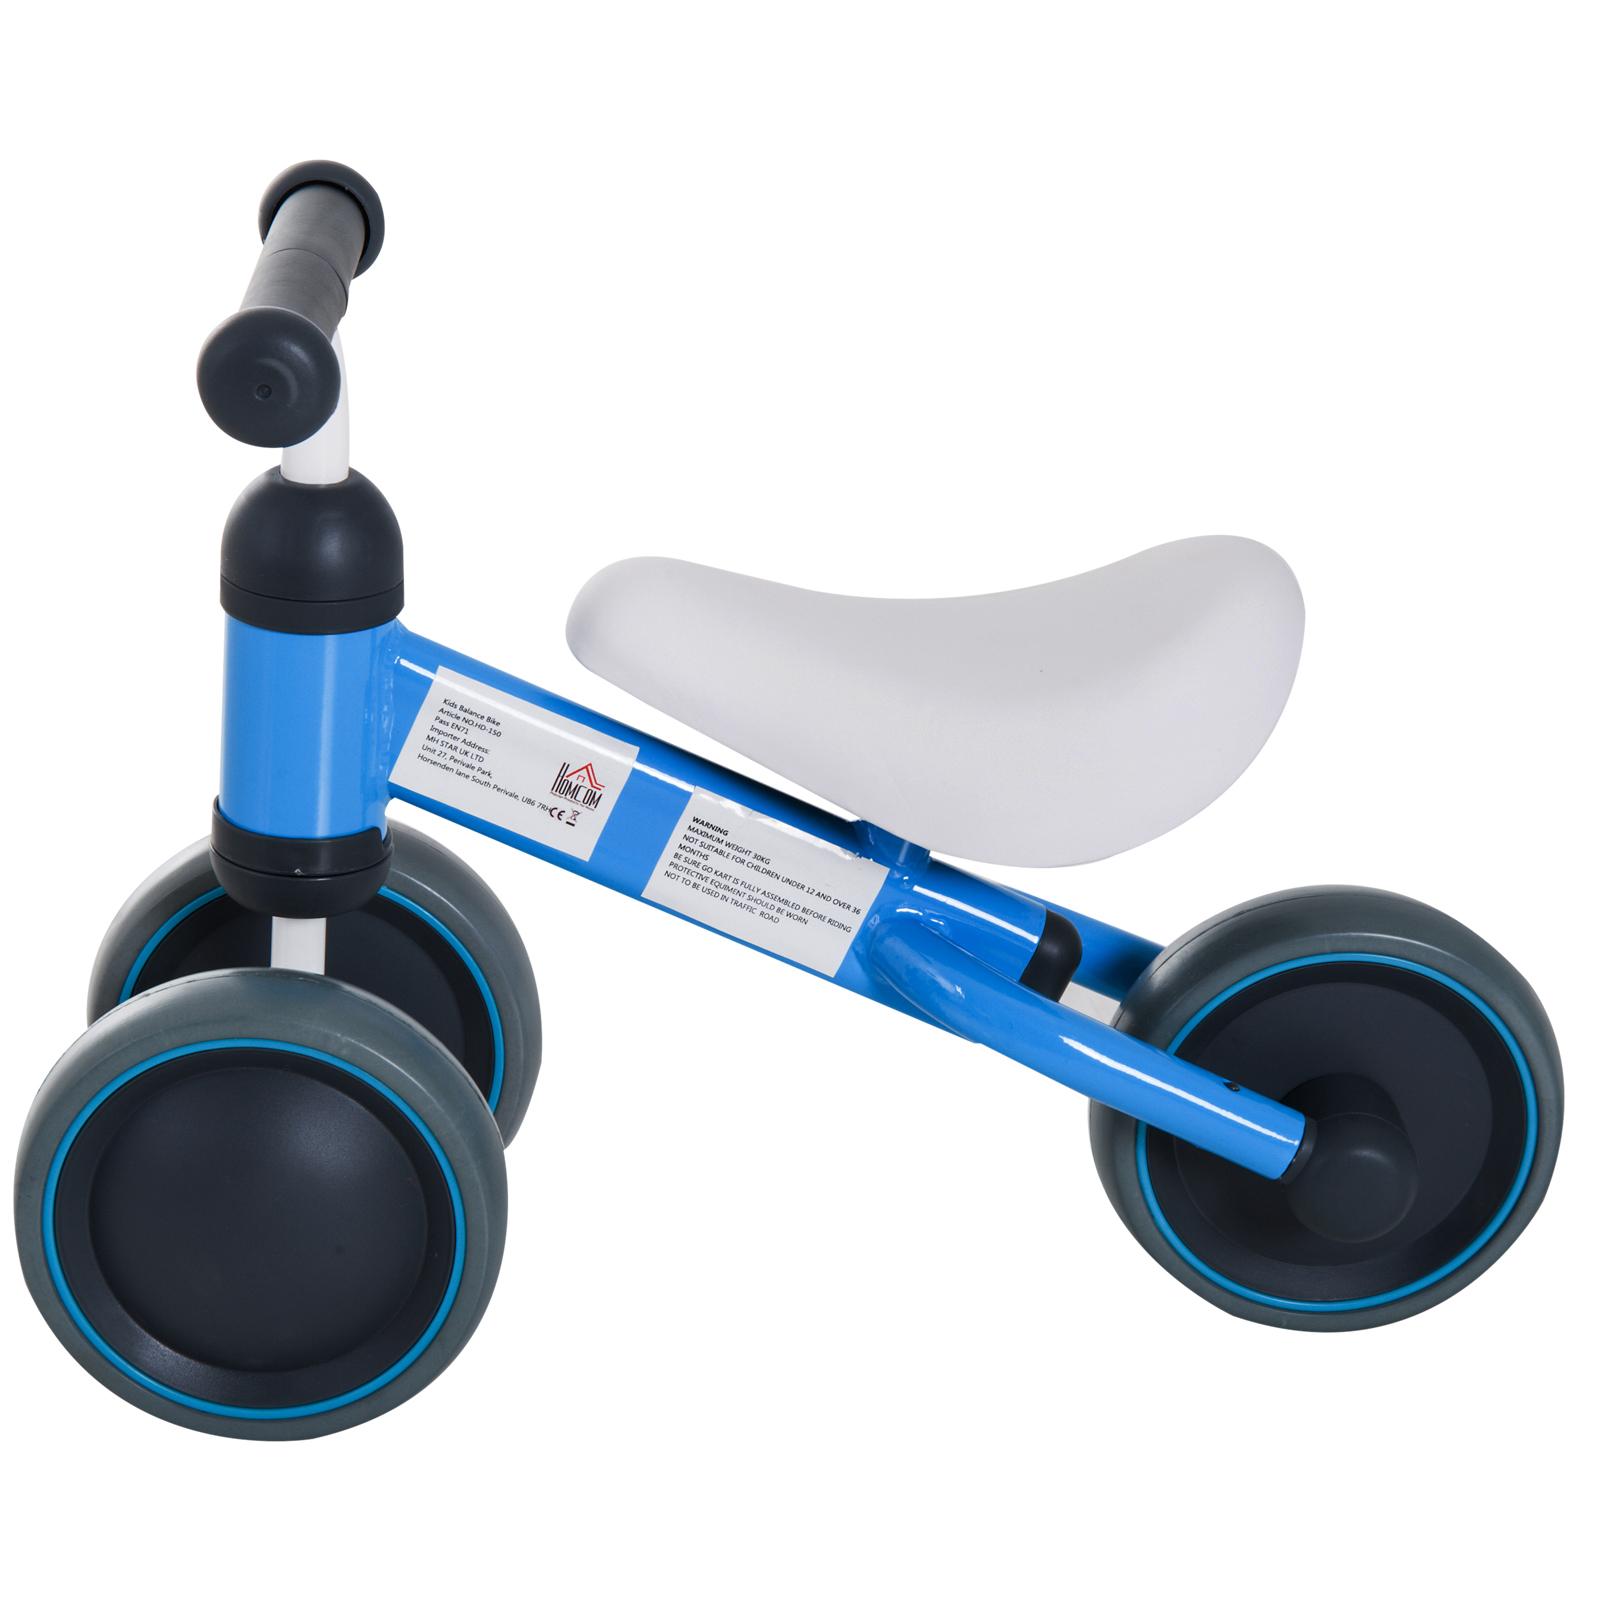 Triciclo-Bicicleta-sin-Pedales-para-Nino-1-3-Anos-Sillon-Comodo-Aluminio miniatura 19